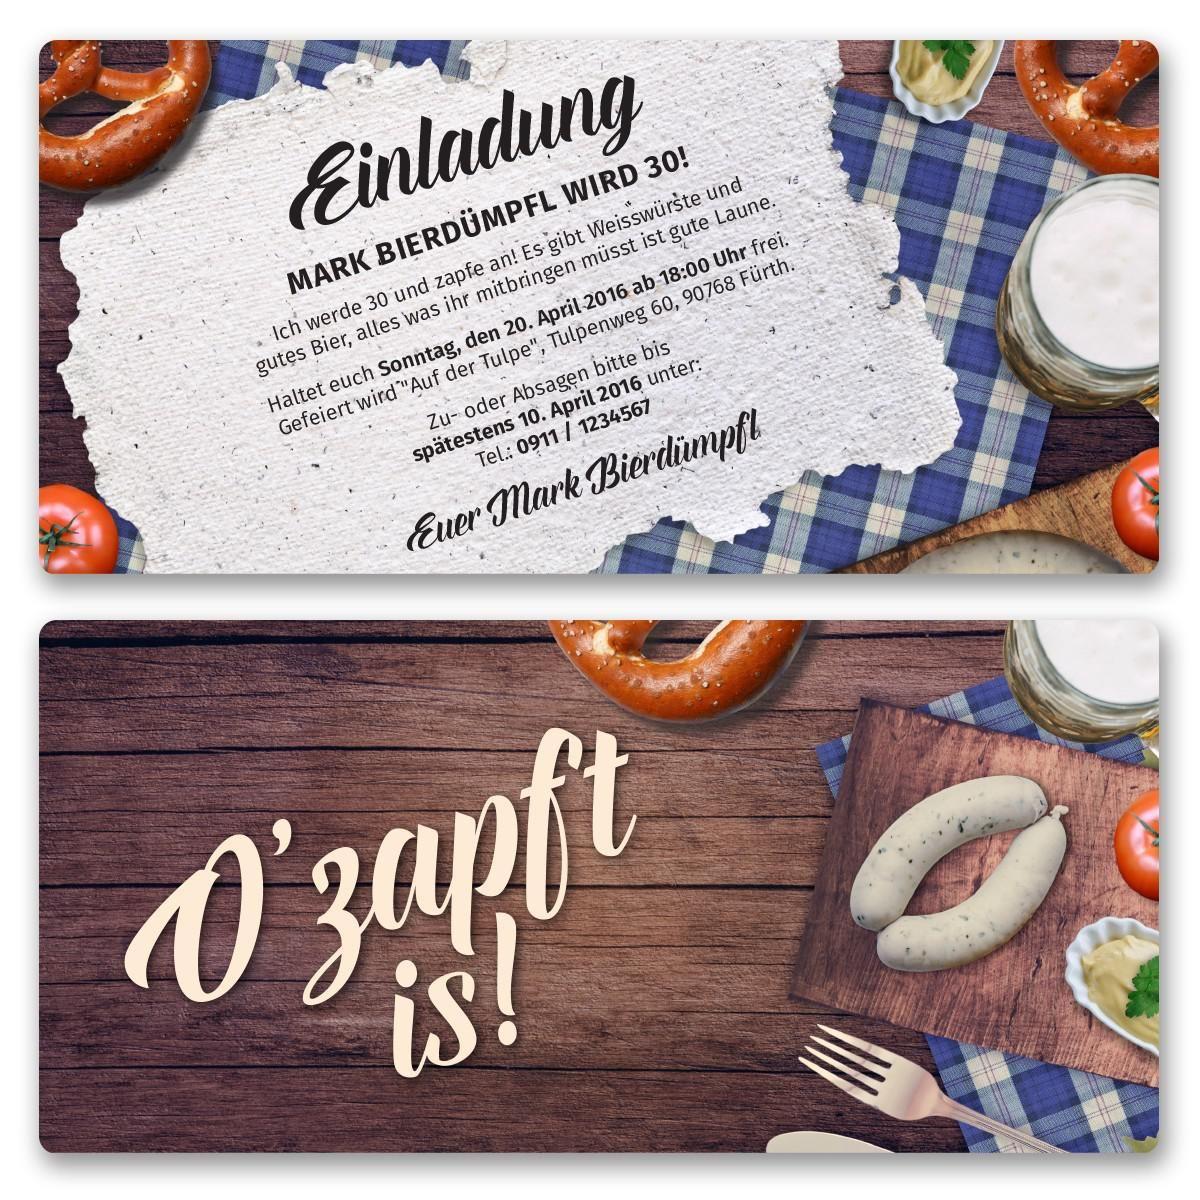 einladungskarten-online-gestalten-kostenlos-ausdrucken | Party ... - Schulanfang Einladungskarten